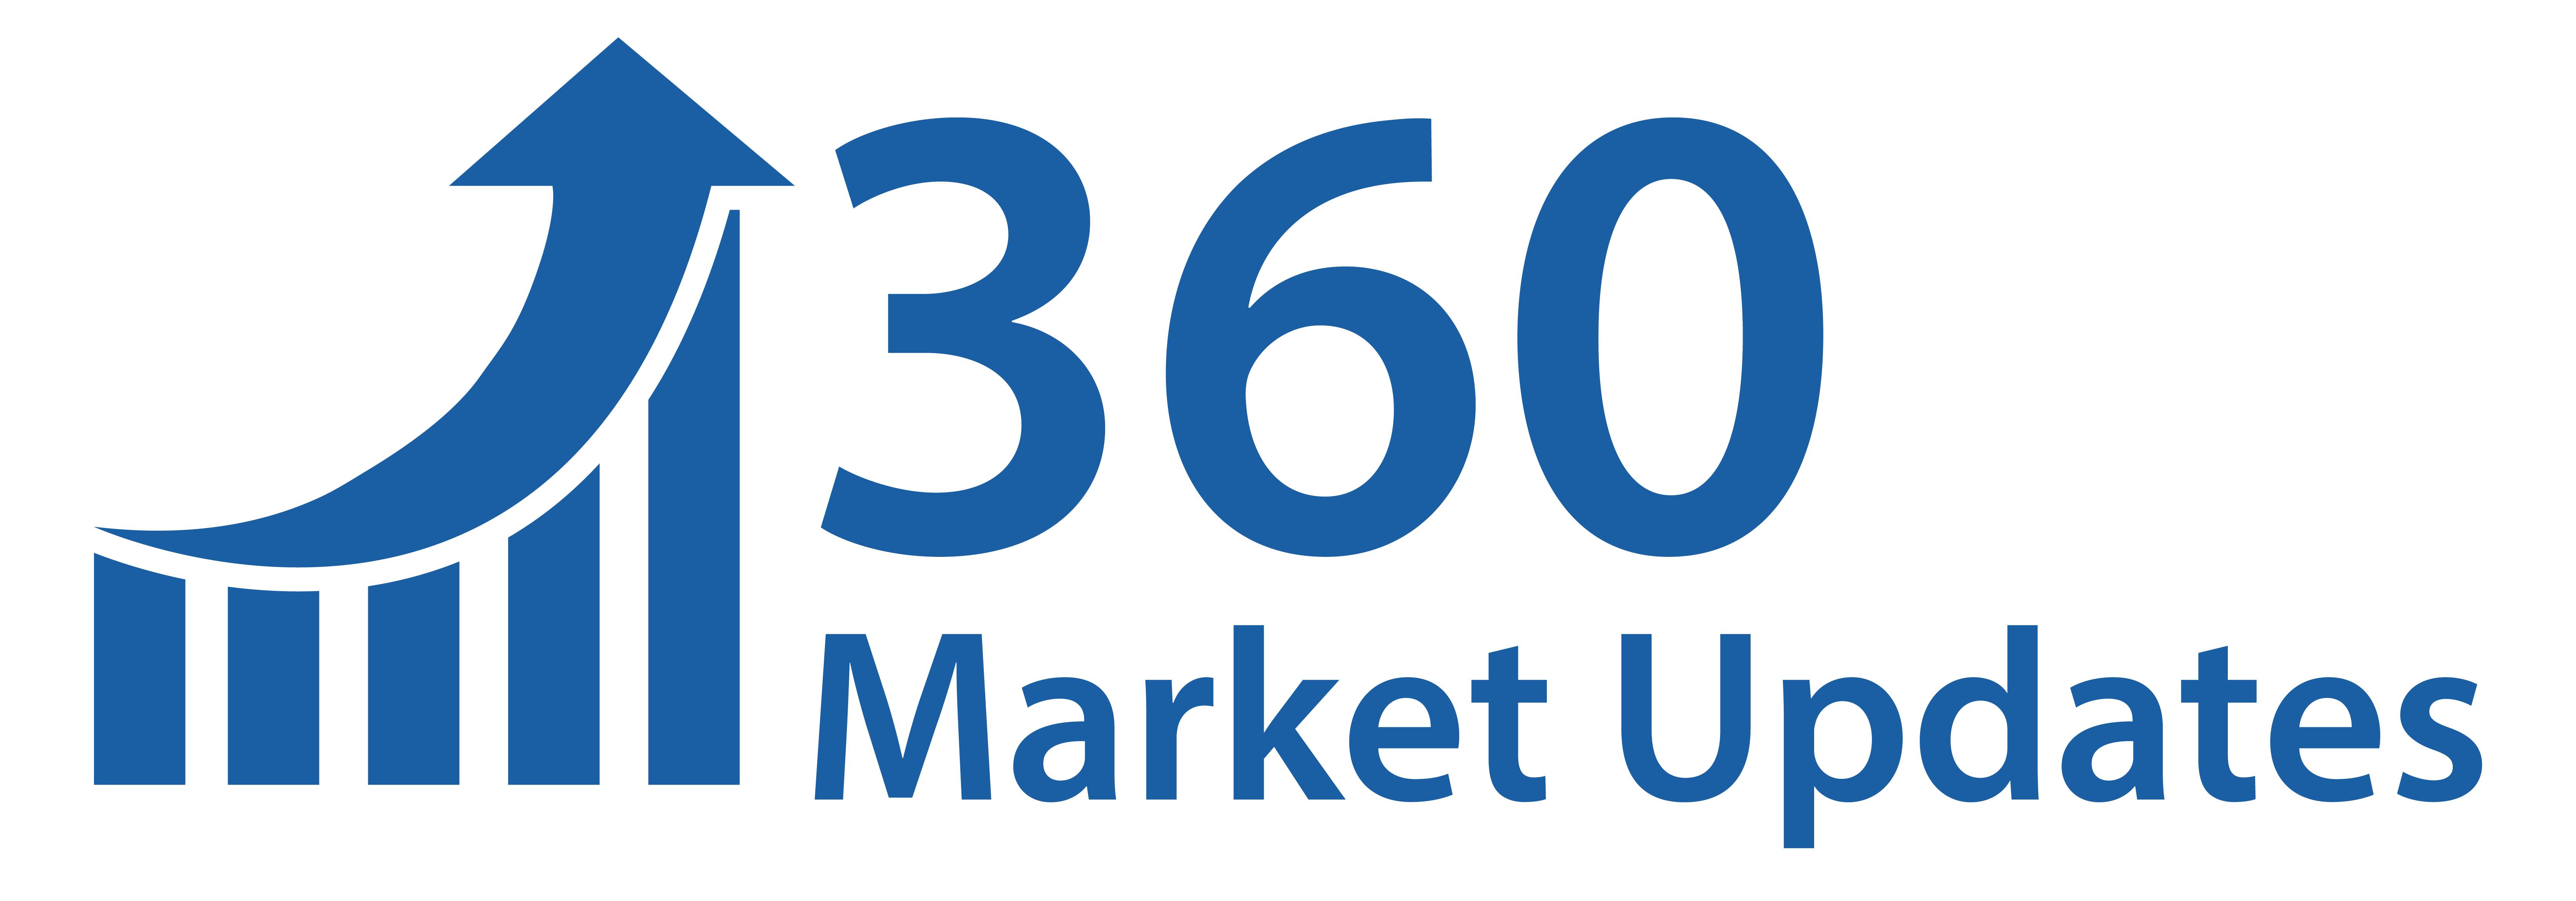 Global Cancer Gene Therapy Market 2020 – Branchennachfrage, Aktie, Größe, Zukunftstrends Pläne, Wachstumschancen, Schlüsselakteure, Anwendung, Nachfrage, Branchenforschungsbericht von Regional Forecast to 2024